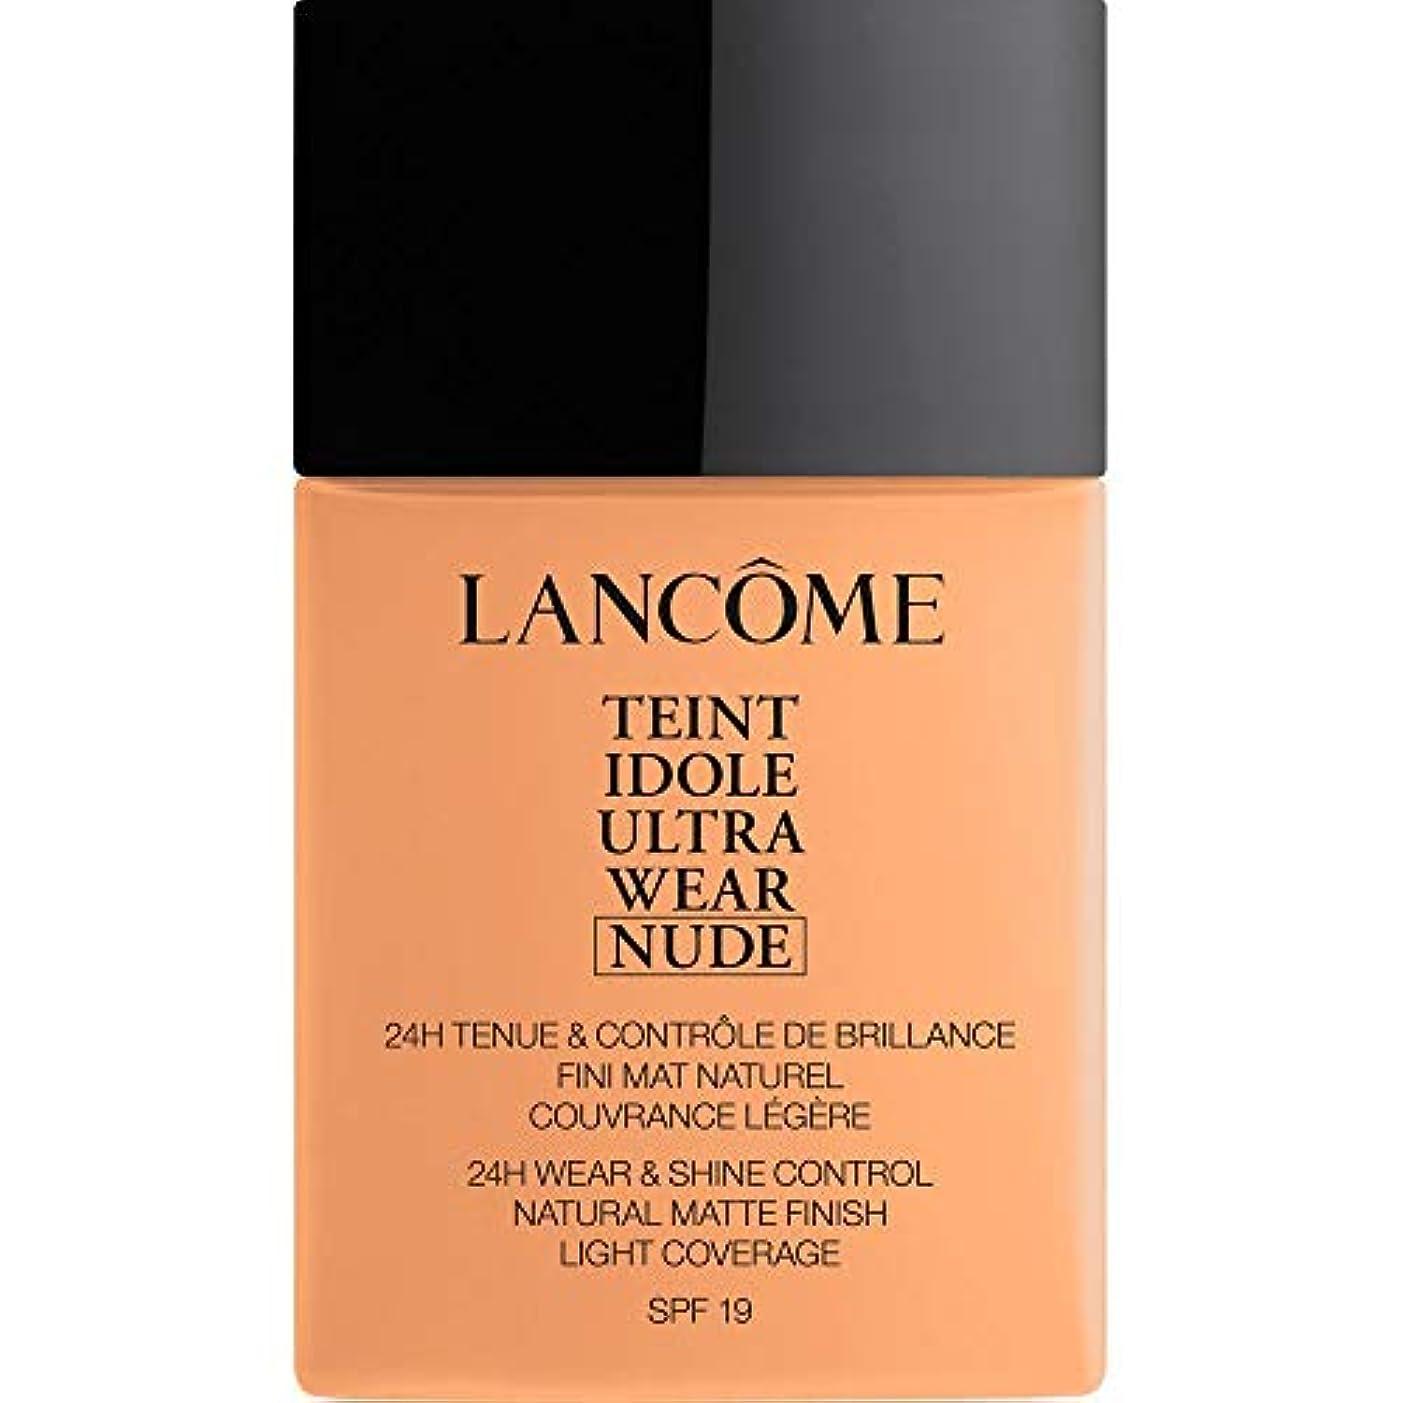 バルセロナ多様なかる[Lanc?me ] ランコムTeintのIdole超摩耗ヌード財団Spf19の40ミリリットル049 - ベージュのPeche - Lancome Teint Idole Ultra Wear Nude Foundation...